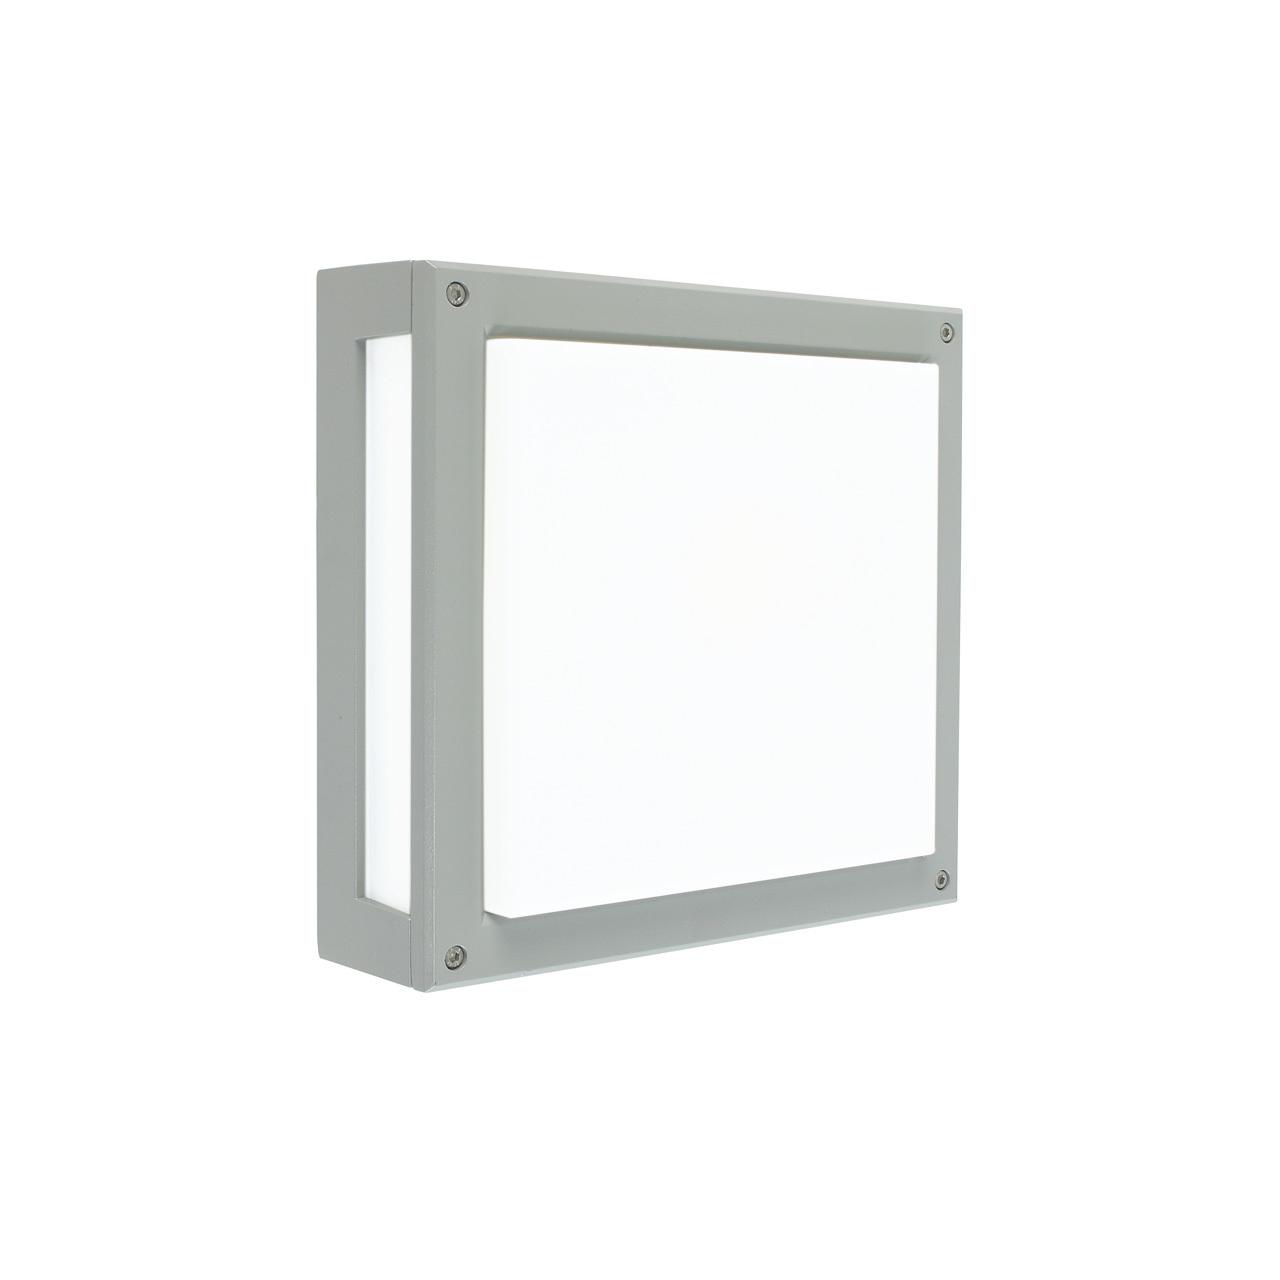 Lampa ścienna NORDLAND LED 719AL -Norlys  SPRAWDŹ RABATY  5-10-15-20 % w koszyku